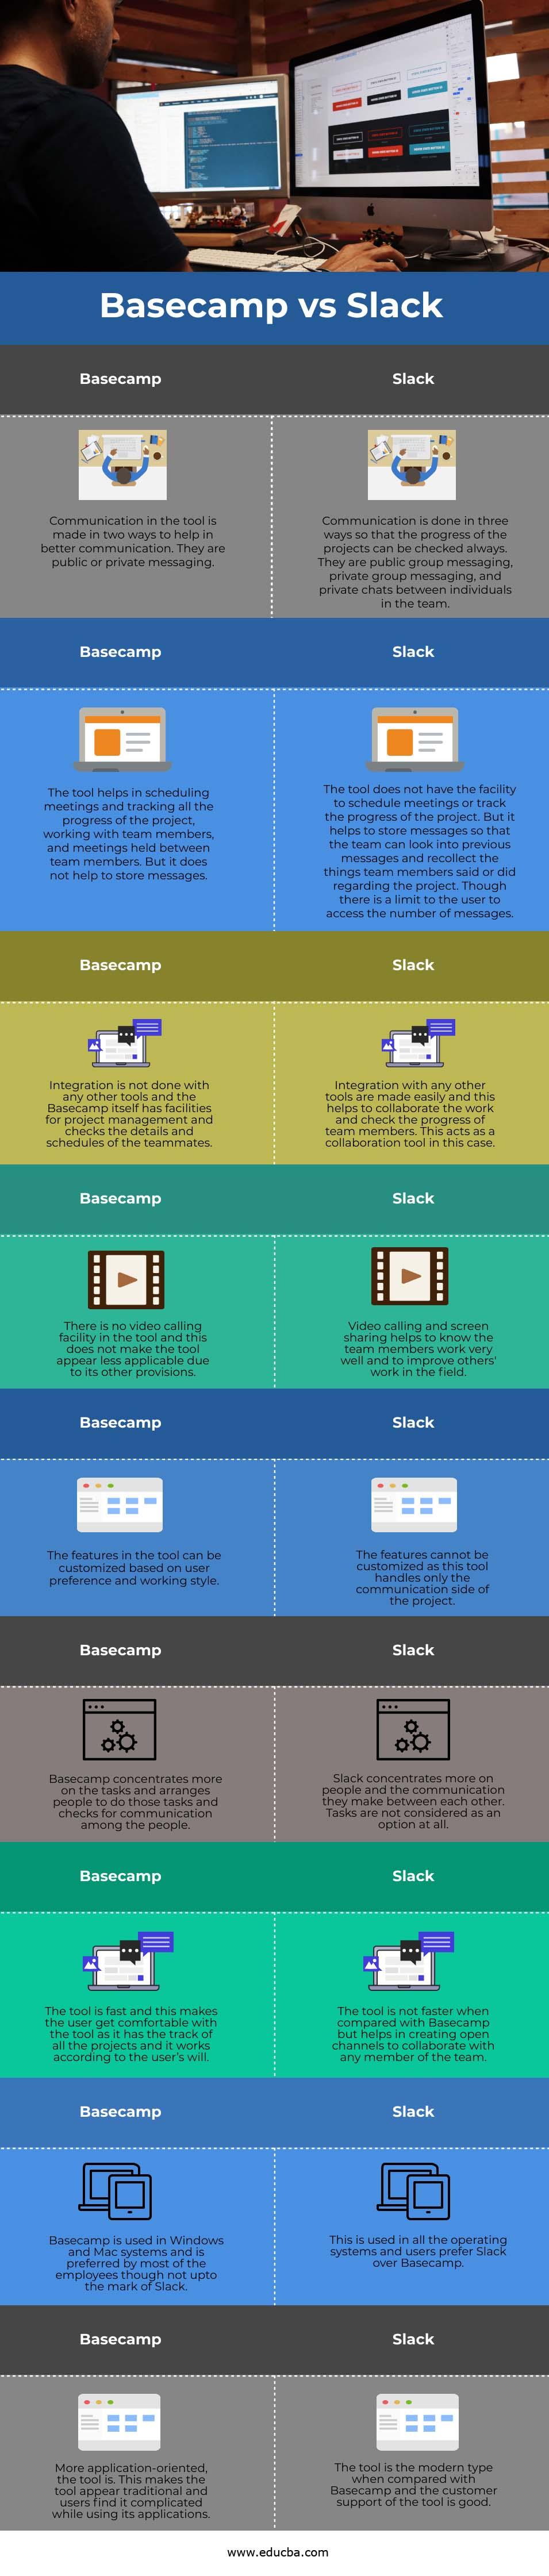 Basecamp vs Slack info